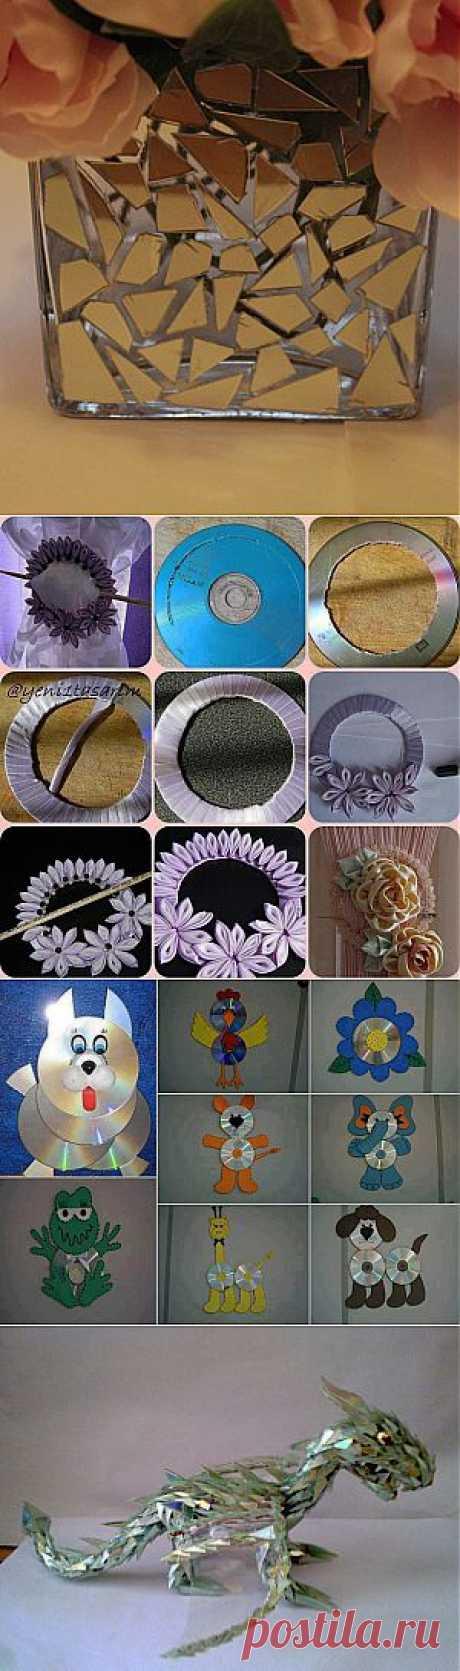 Красивые и полезные вещи из компакт-дисков | Самоделкино